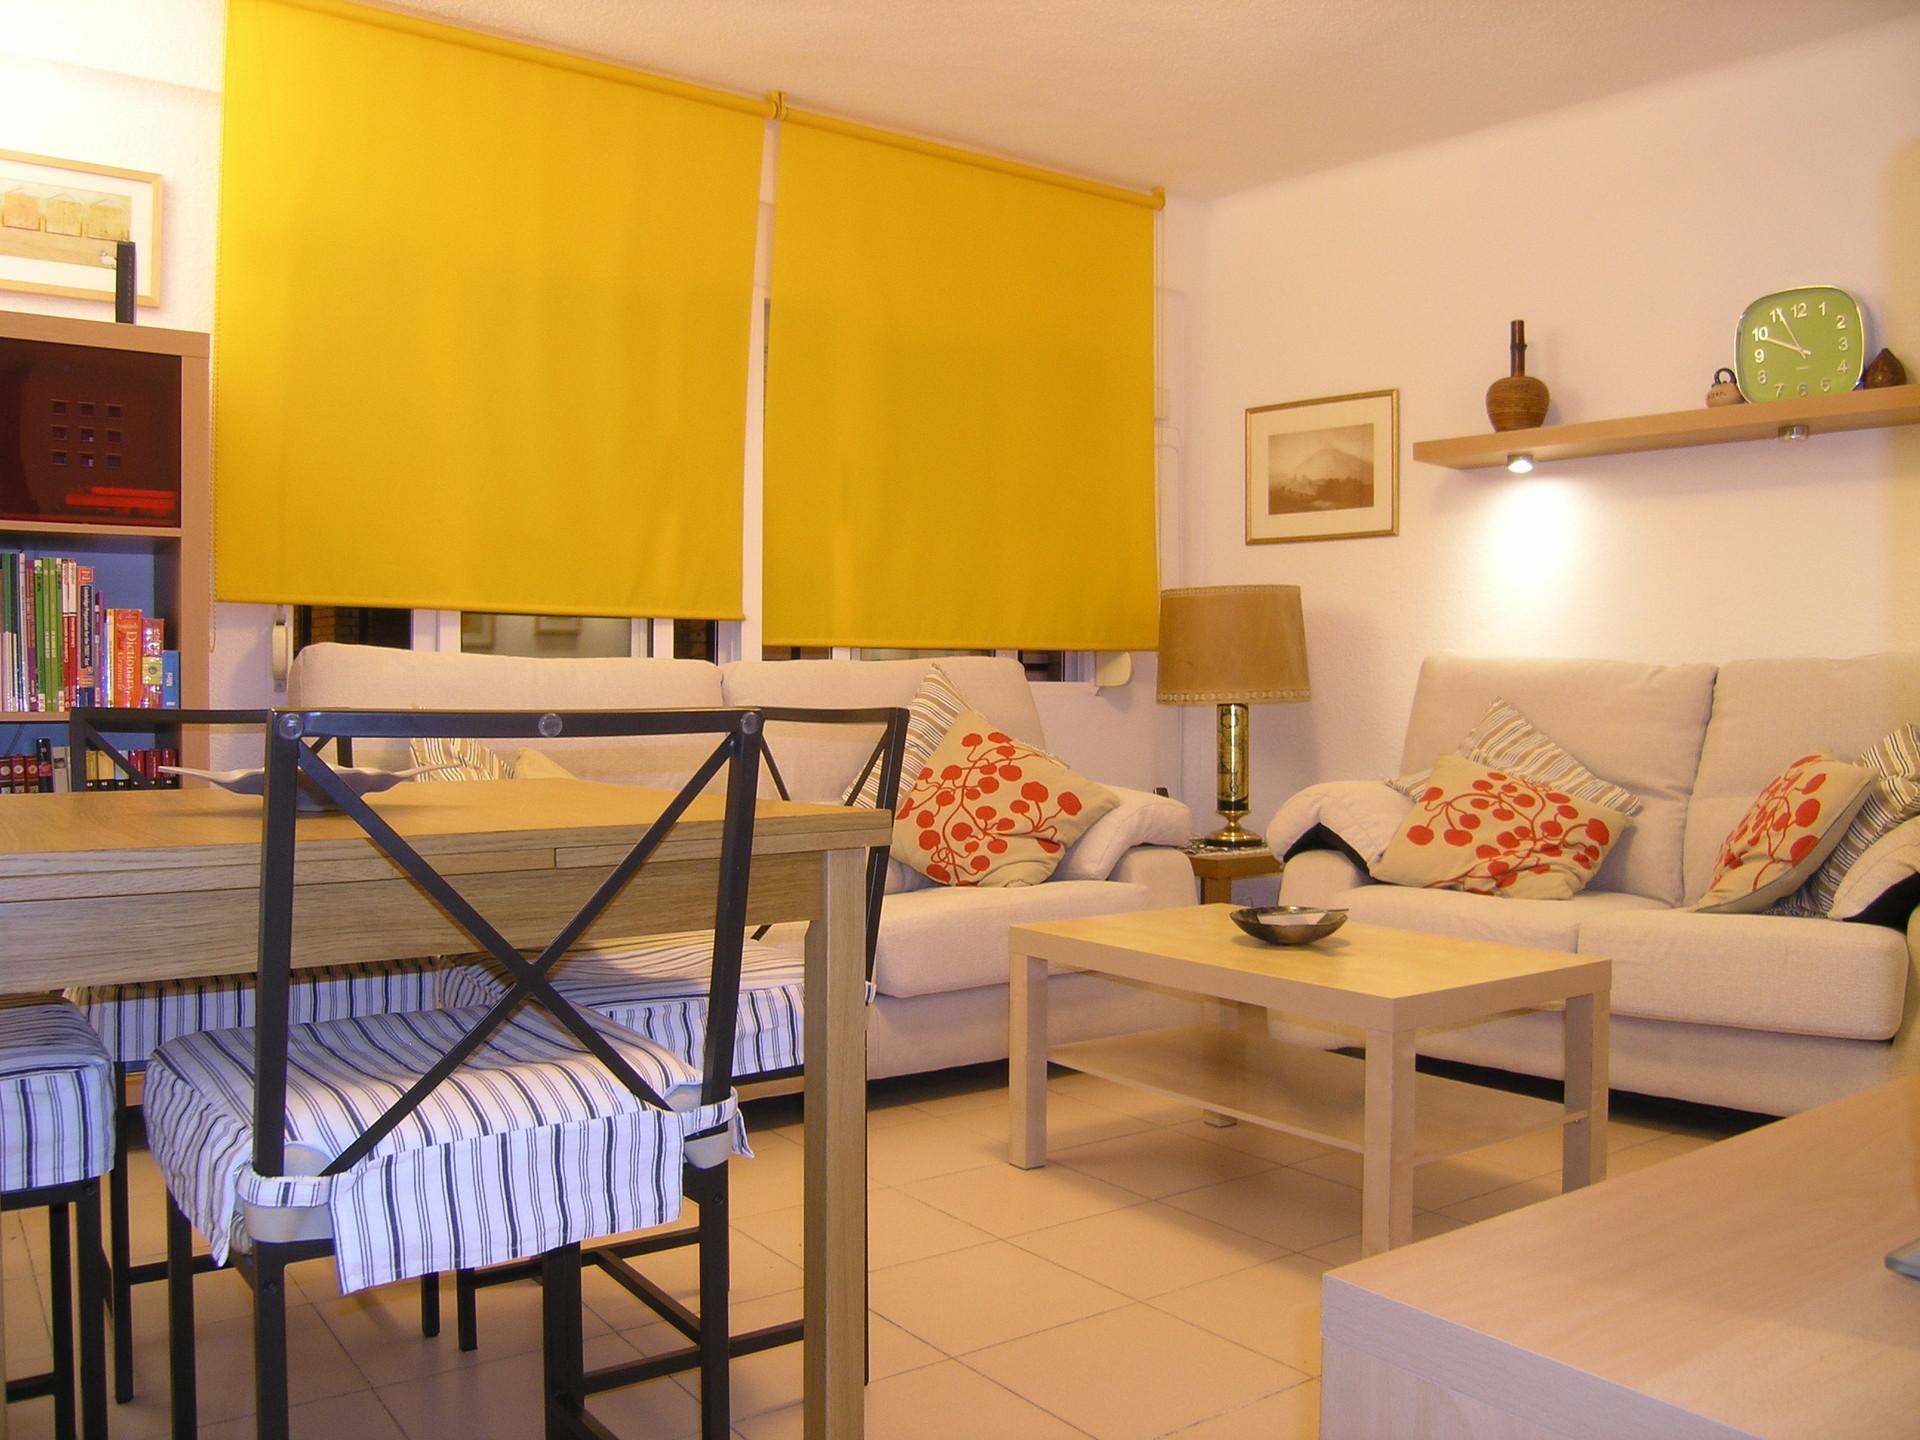 piso compartido en alcal de henares centro alquiler